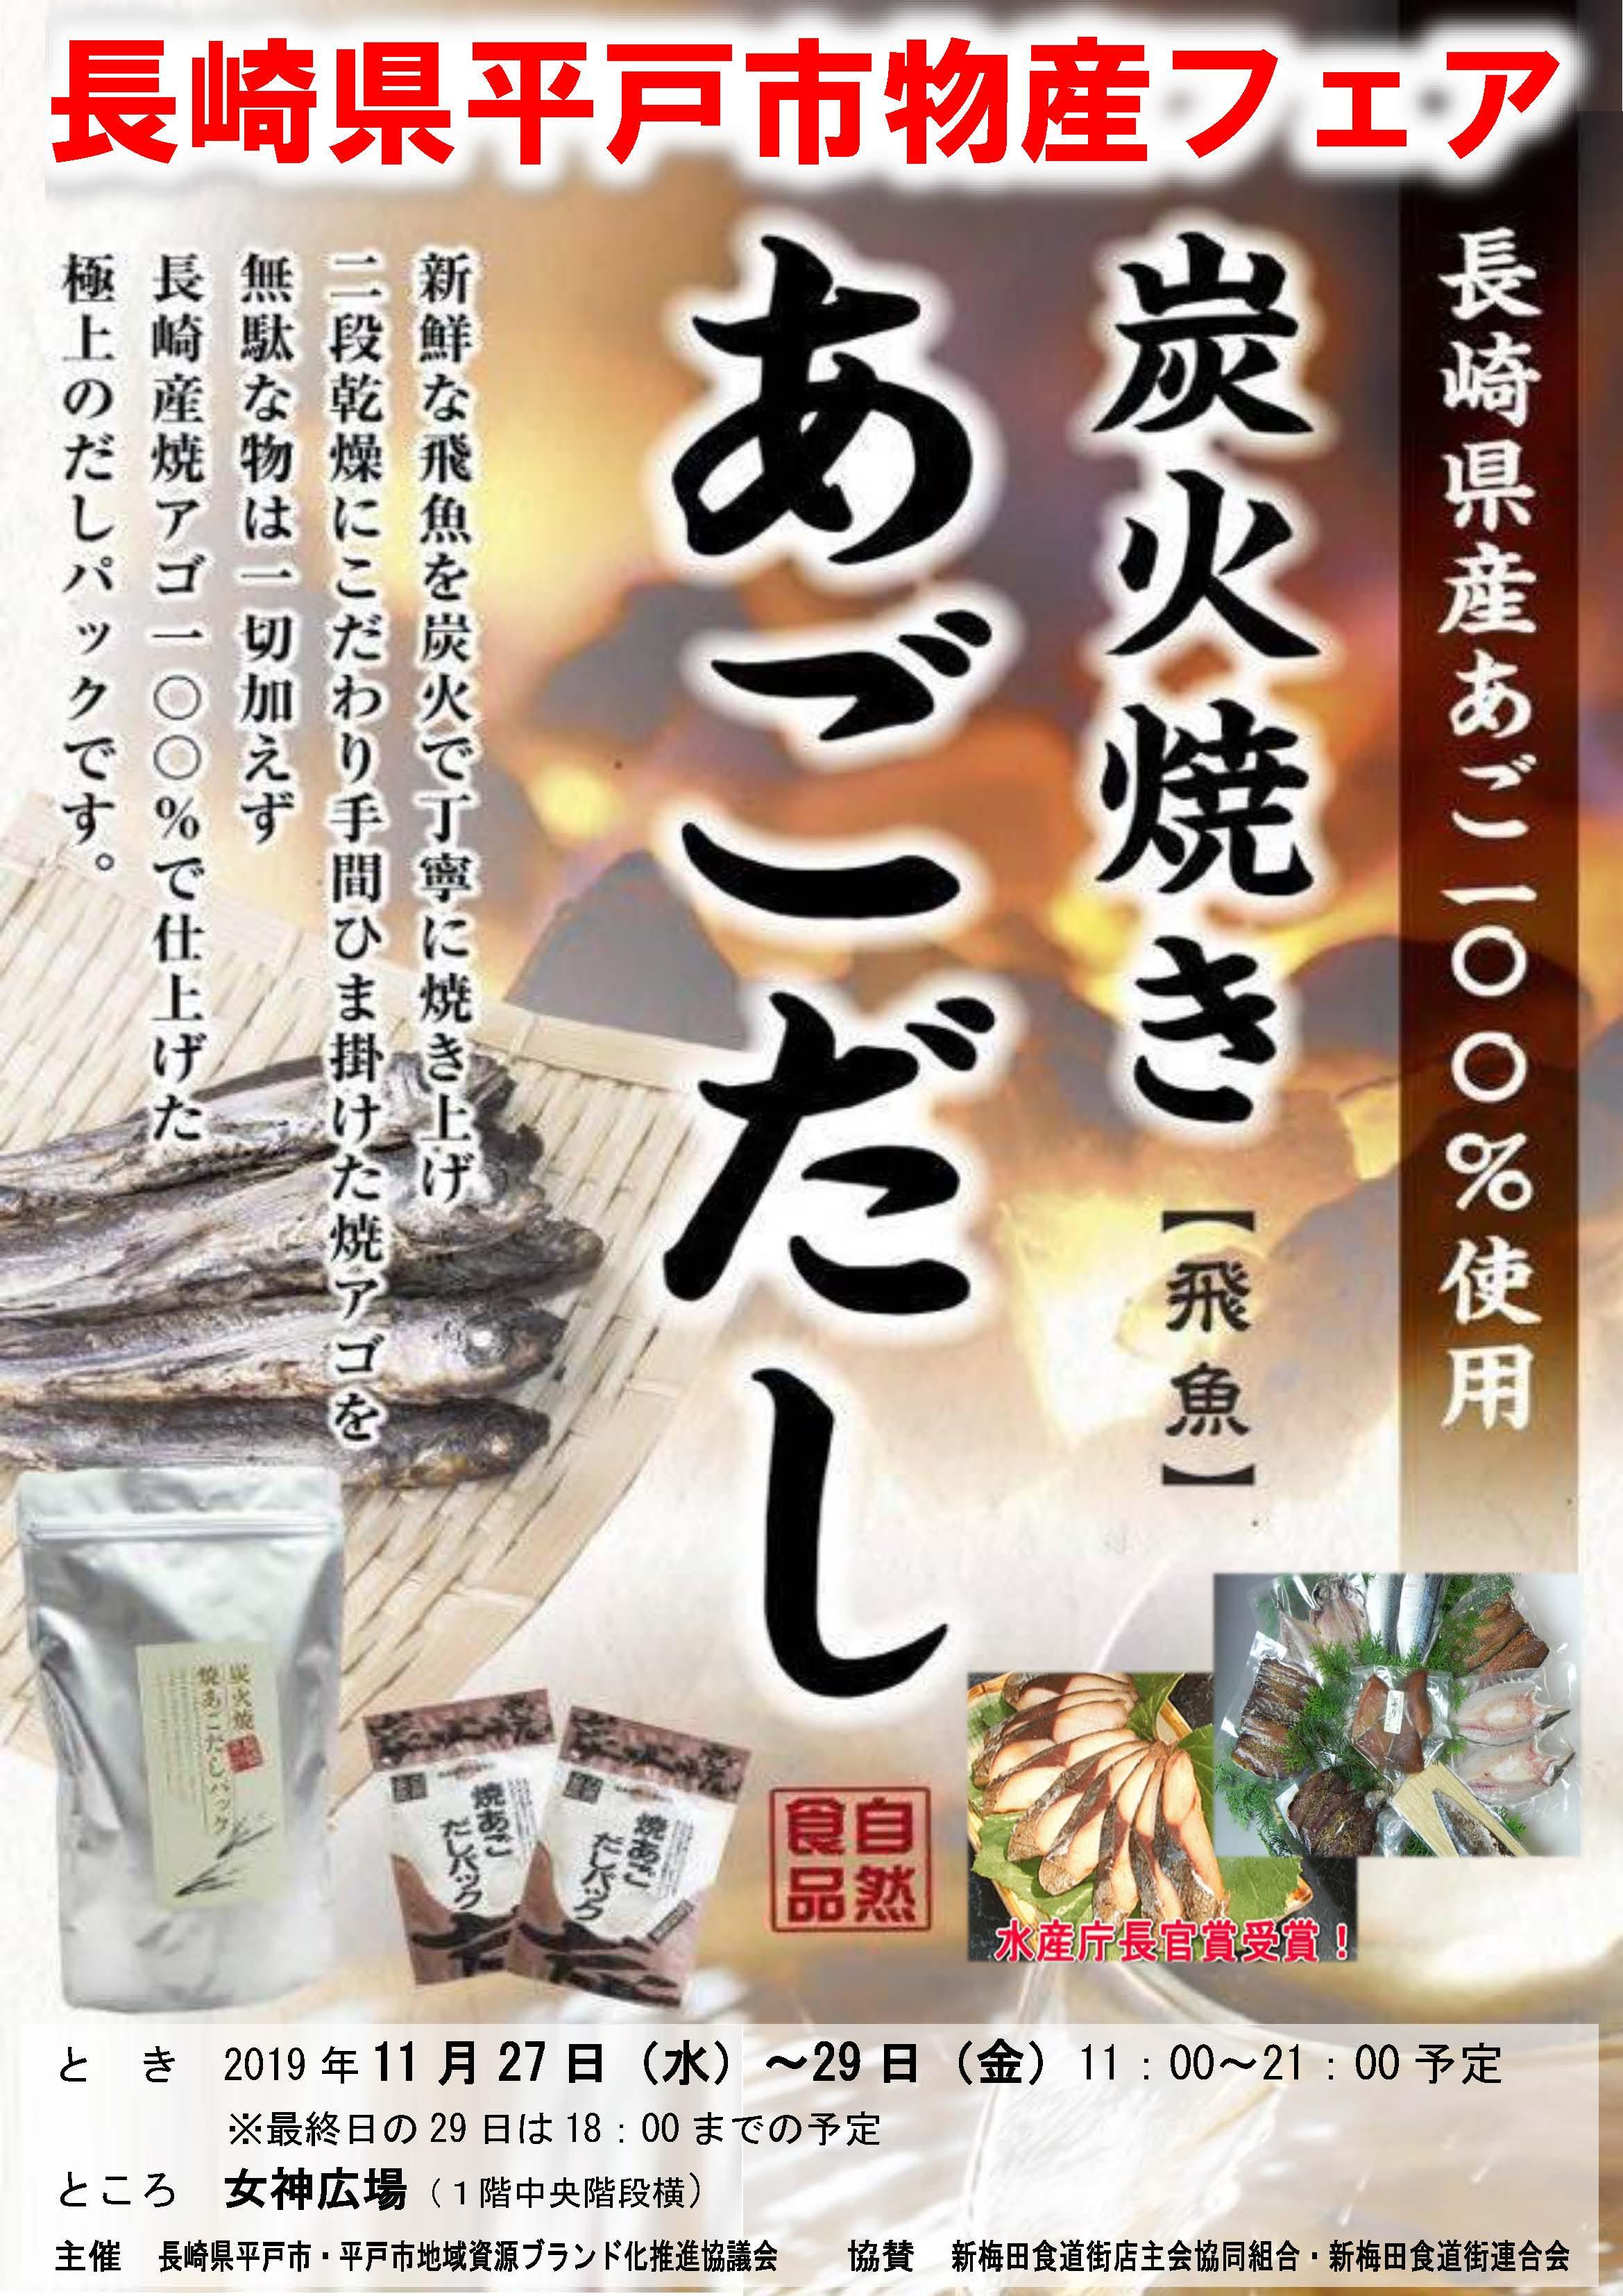 長崎県平戸市物産展は終了いたしました。ありがとうございました。 トップページ画像